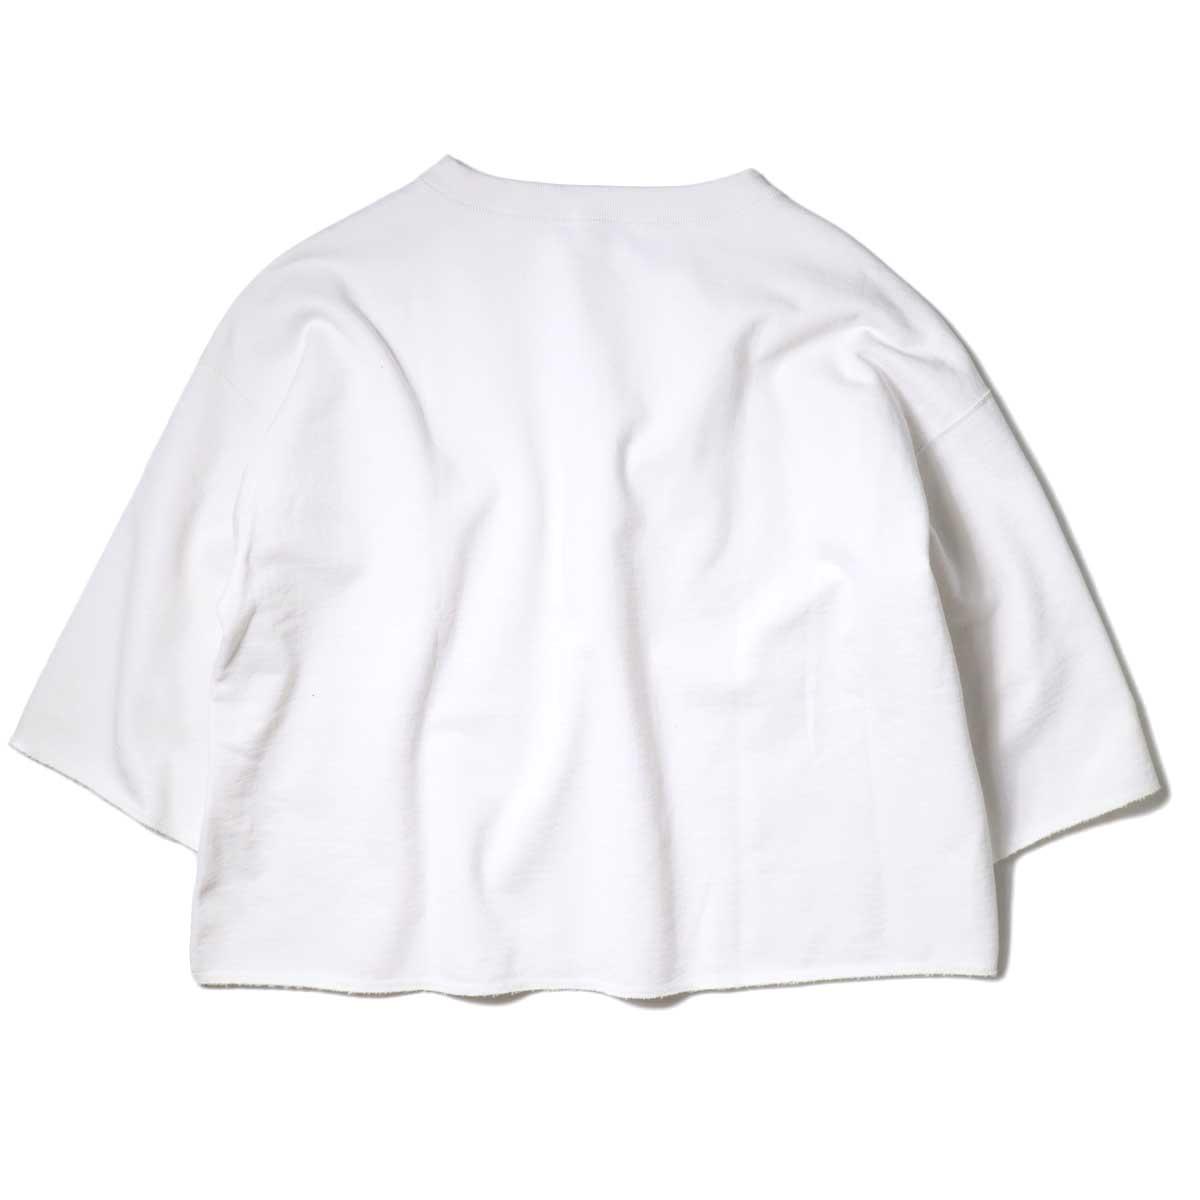 YLEVE / SUVIN CTN CUTOFF BIG (White) 背面